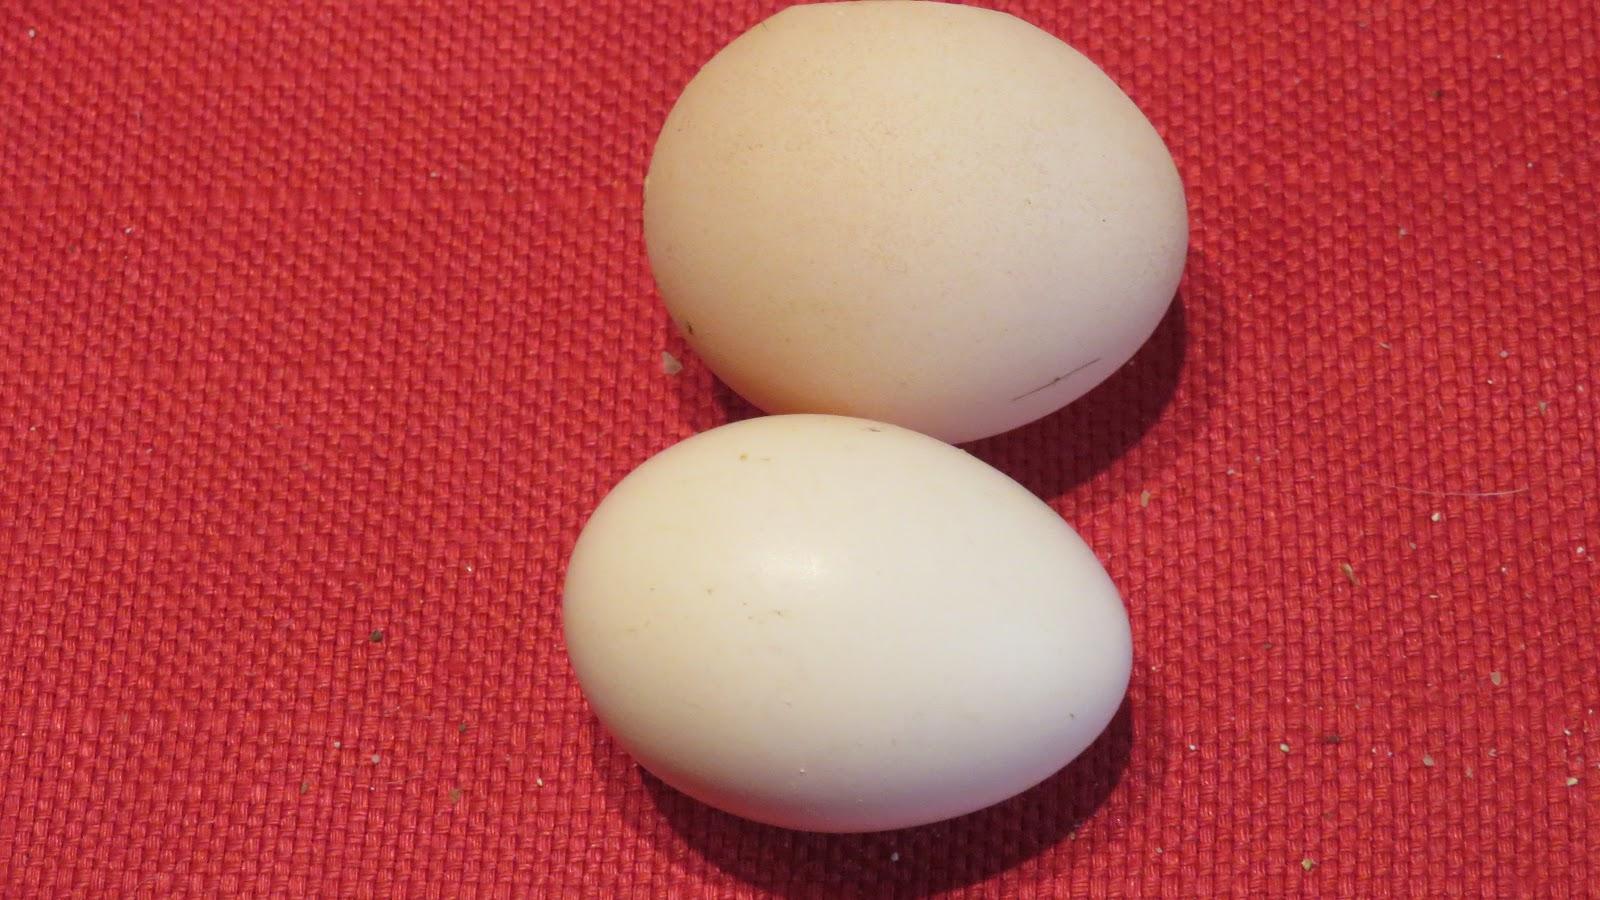 ett ägg väger